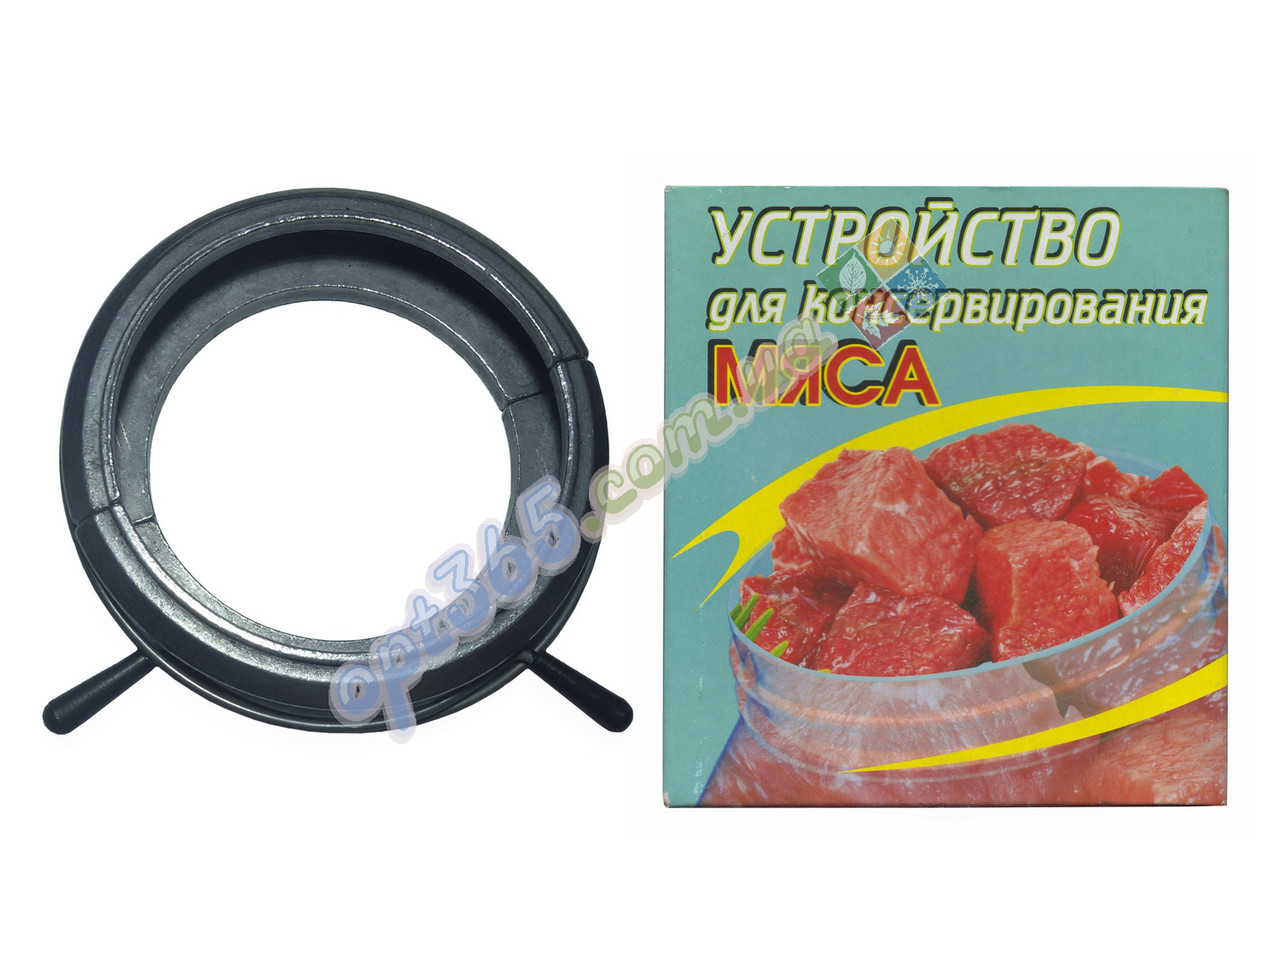 Устройство для консервирования мяса - Интернет-магазин opt365 в Харькове